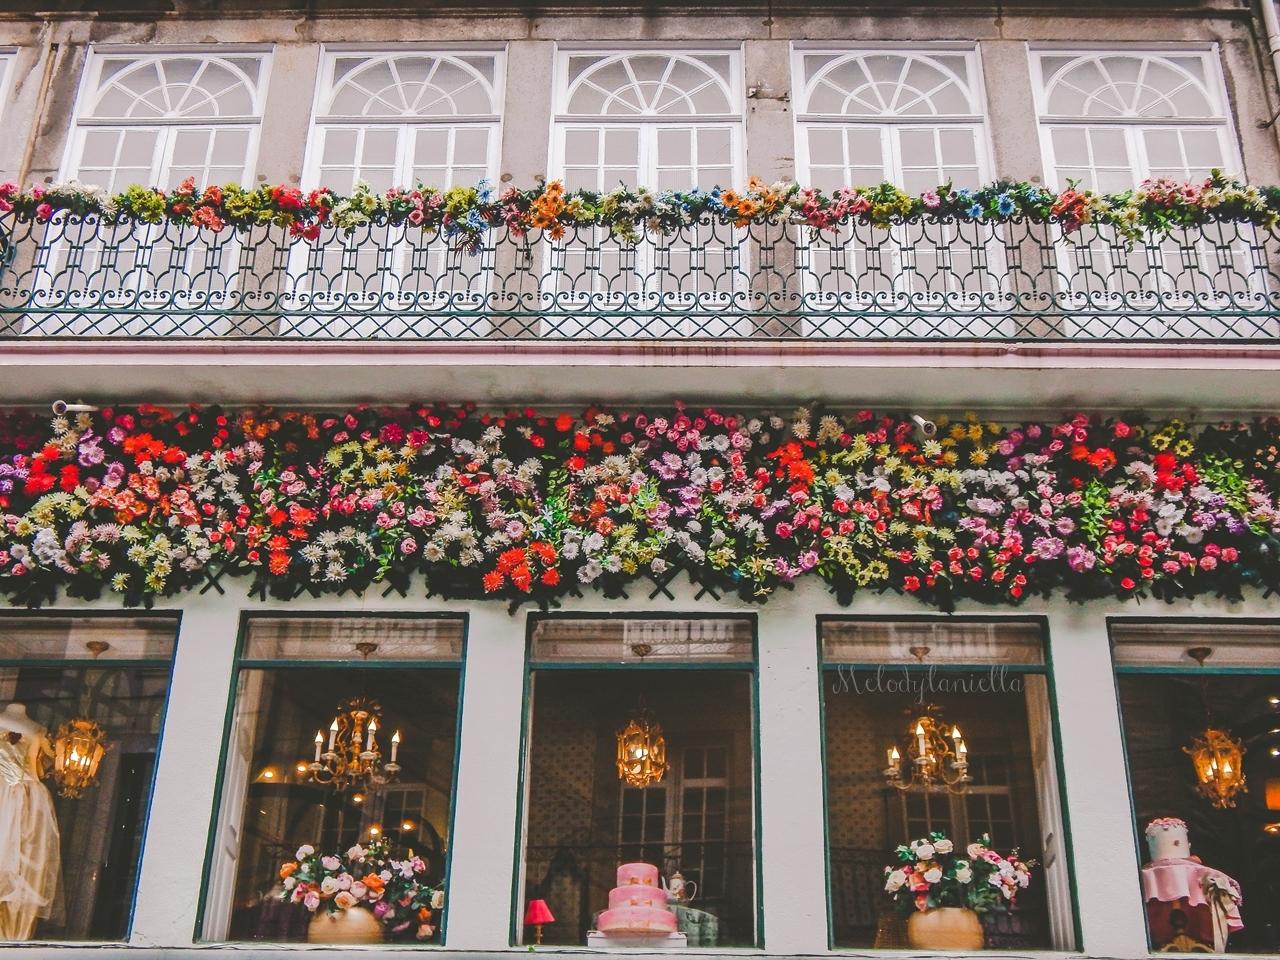 14 rua das flores-2  co zobaczyć w Porto w portugalii ciekawe miejsca musisz zobaczyć top miejsc w porto zabytki piękne uliczki miejsca godne zobaczenia blog podróżniczy portugalia melodylaniella